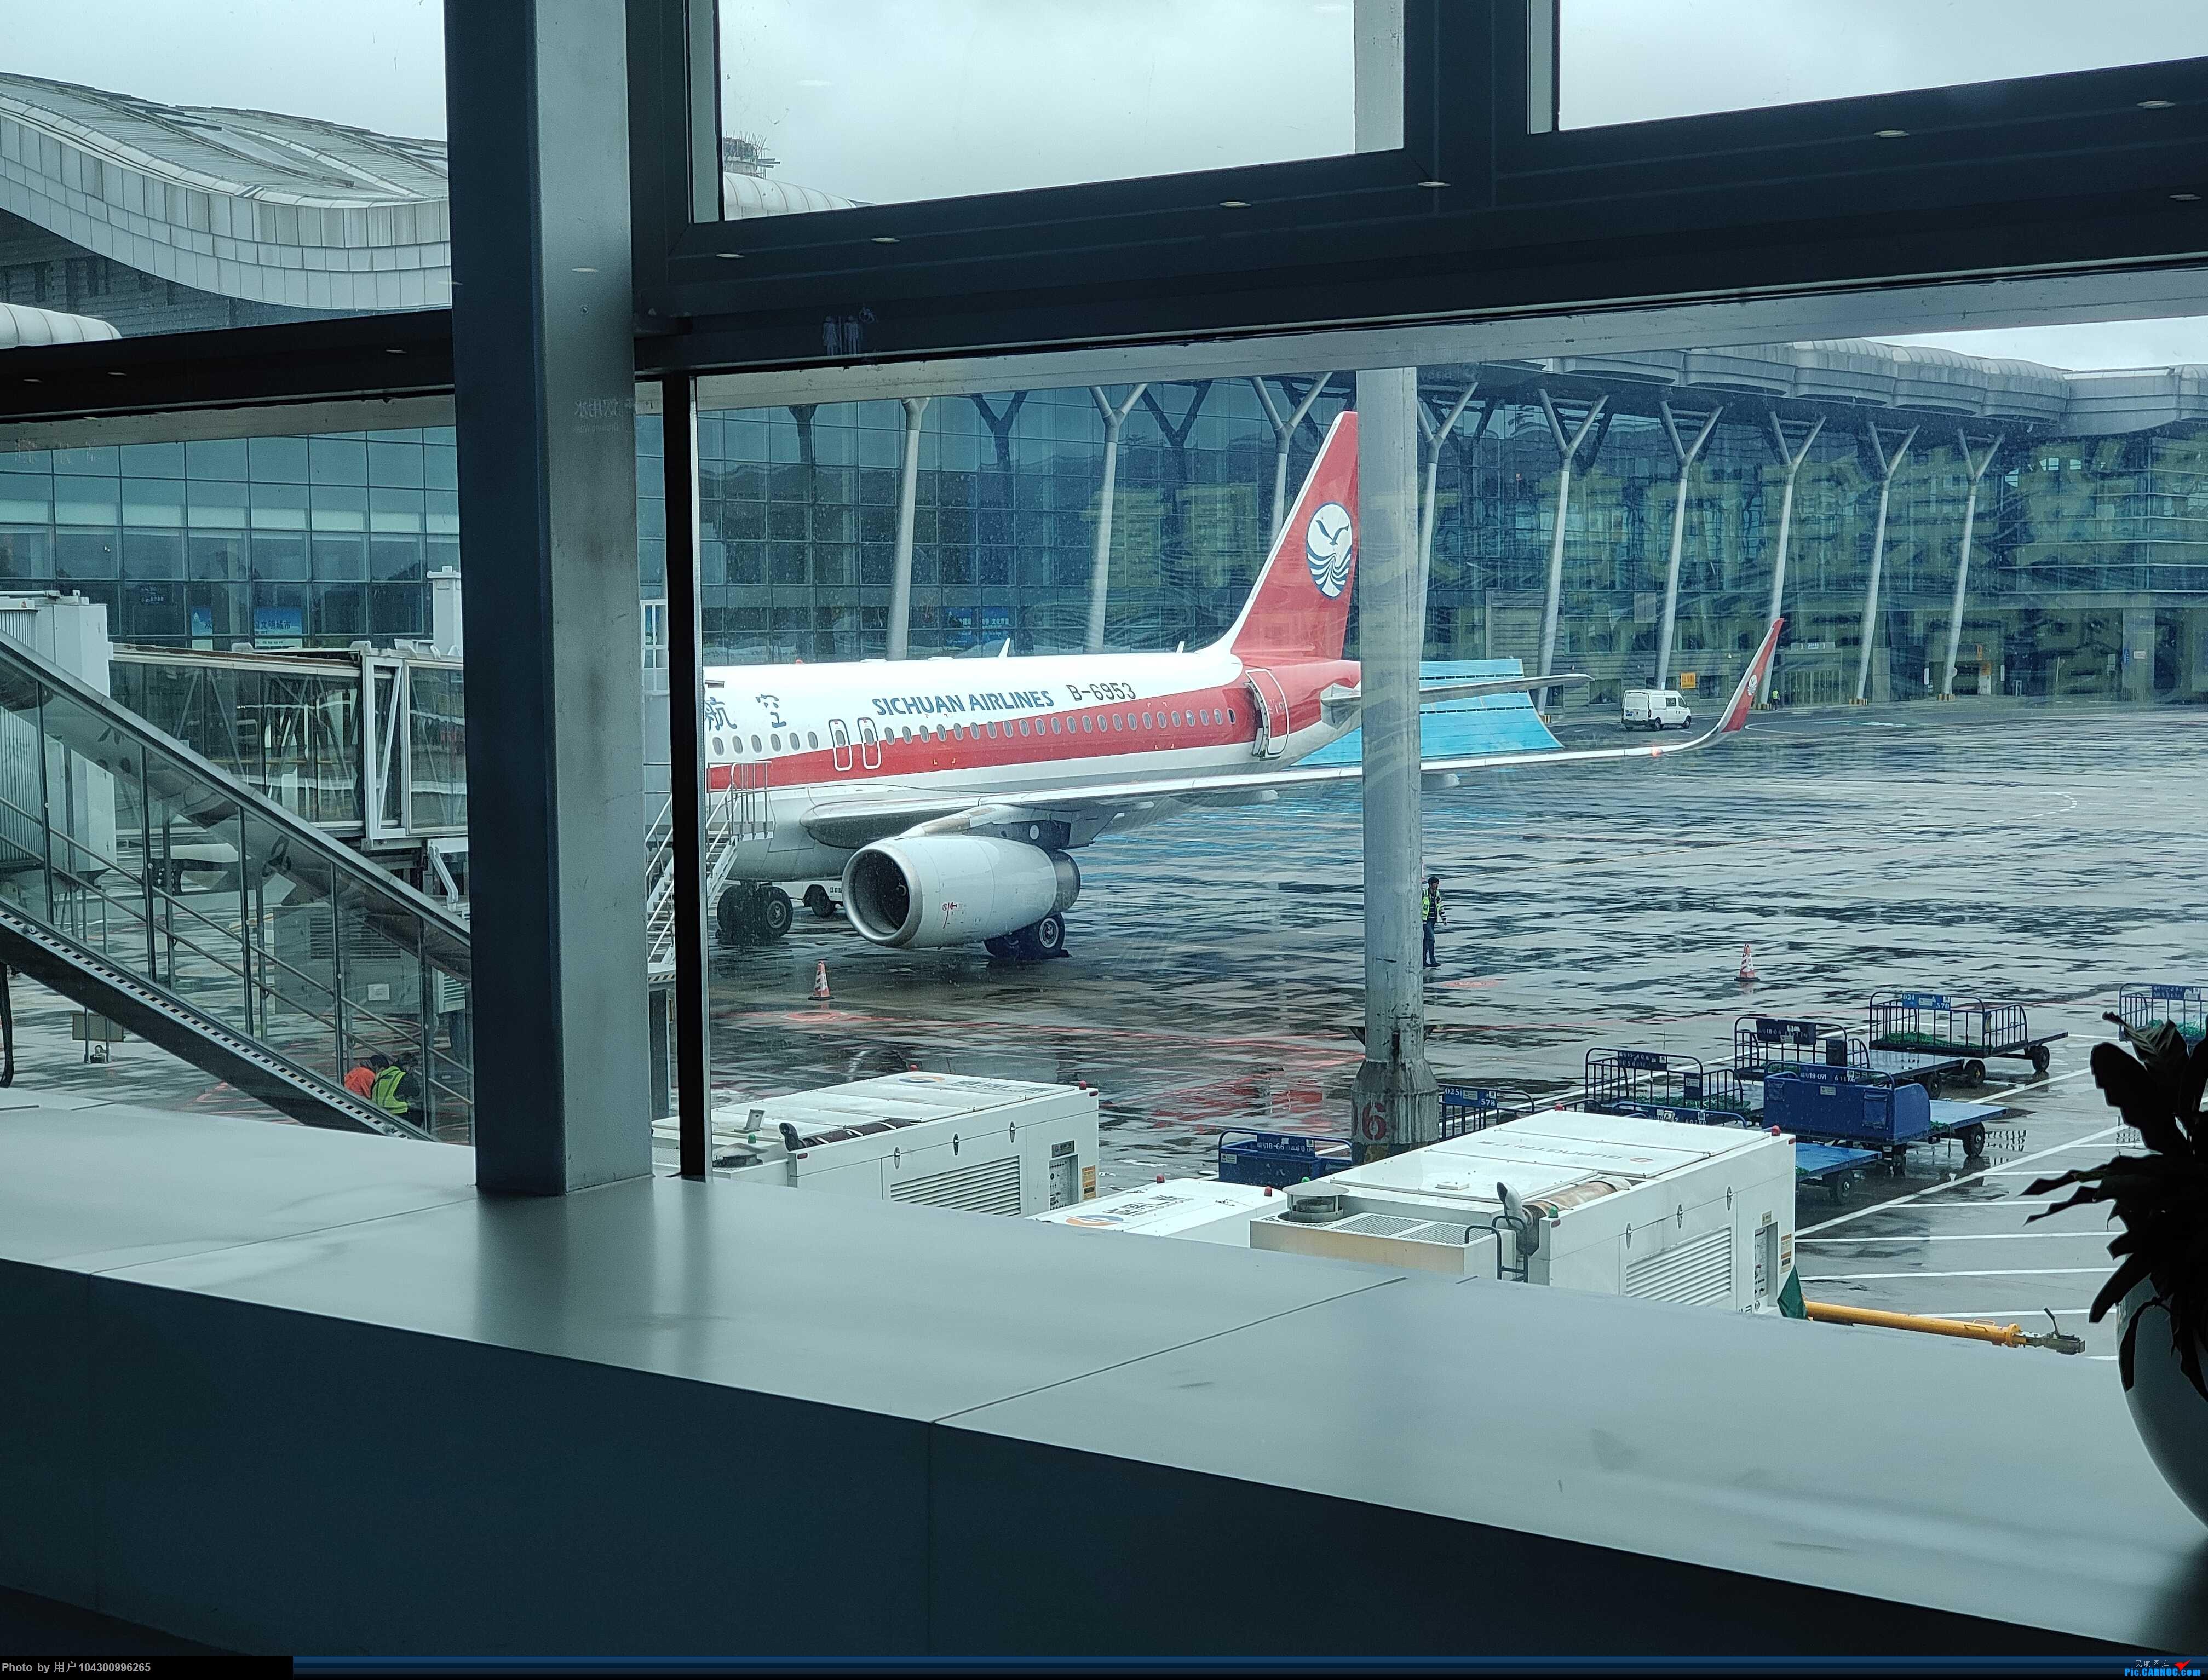 Re:[原创]DM国庆游记之G5贵阳-黎平往返 AIRBUS A320-200 B-6953 中国贵阳龙洞堡国际机场